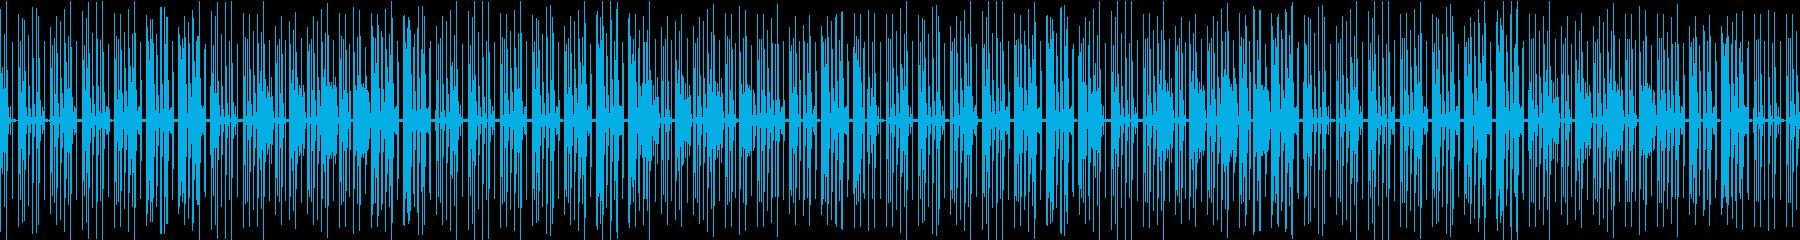 日常・ループ・優しい・ゲームの再生済みの波形